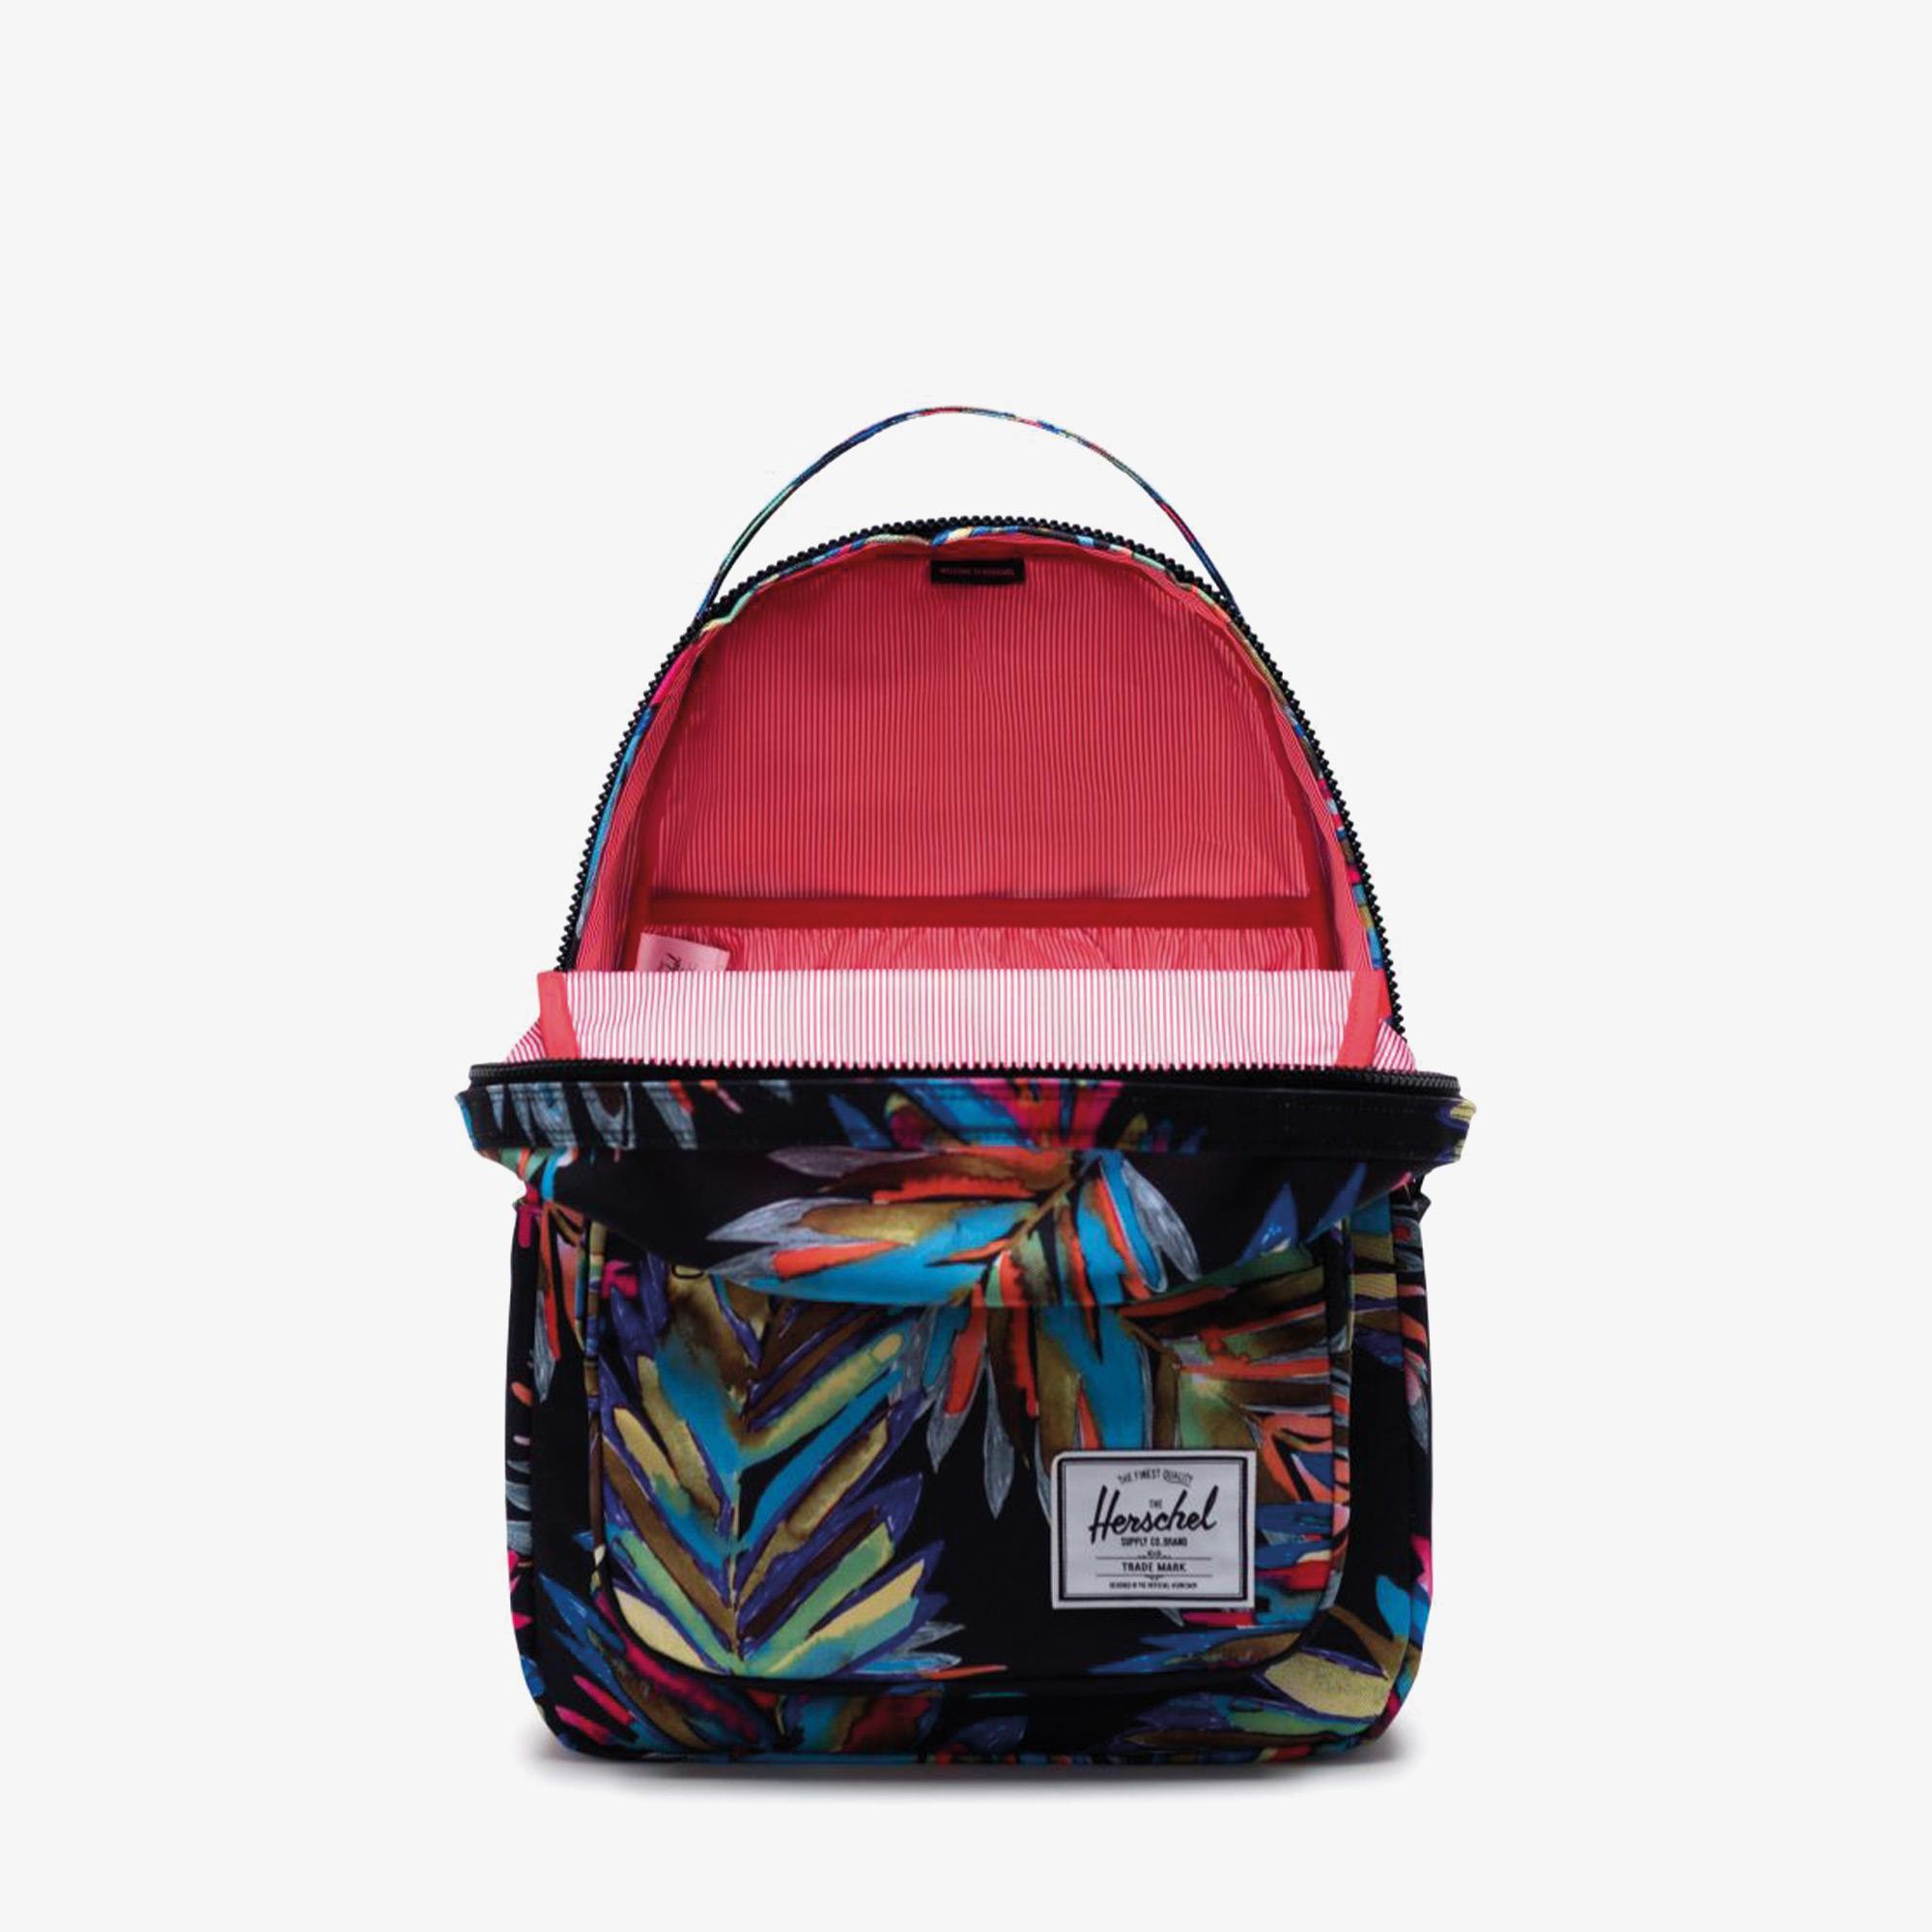 Herschel Miller Renkli Unisex Sırt Çantası